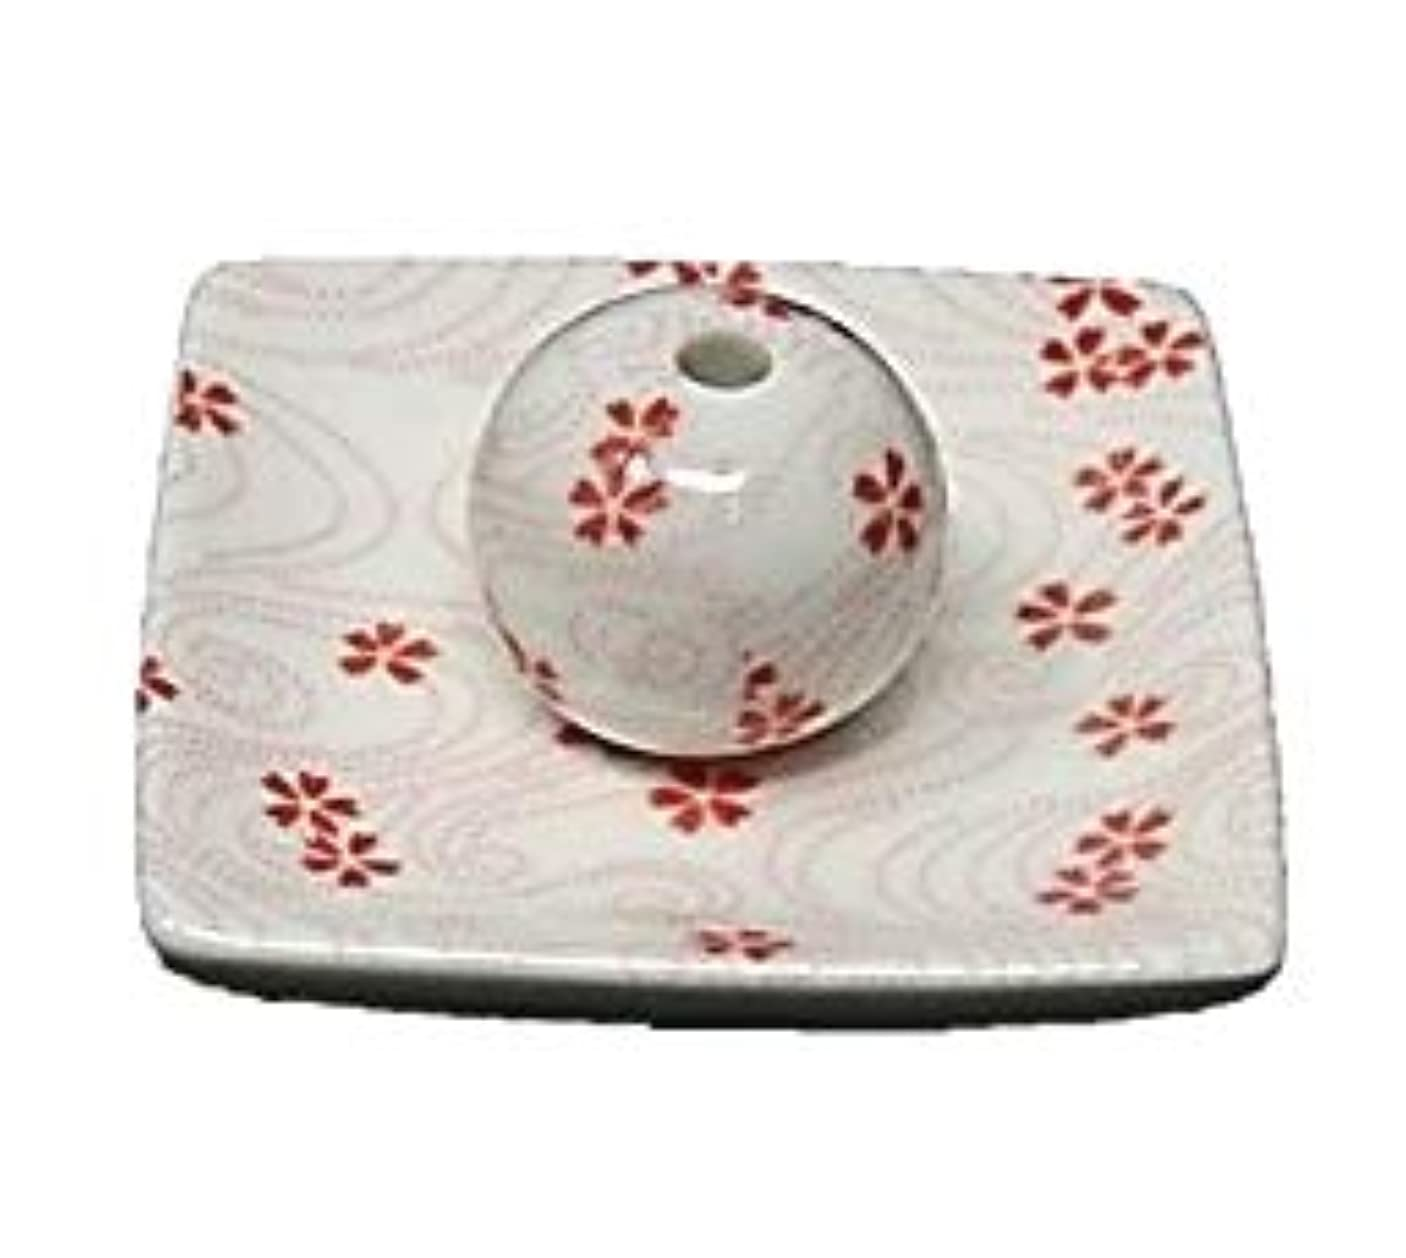 病気の準備した許可桜渦 小角皿 お香立て 陶器 お香たて 製造直売 桜 さくら ACSWEBSHOPオリジナル